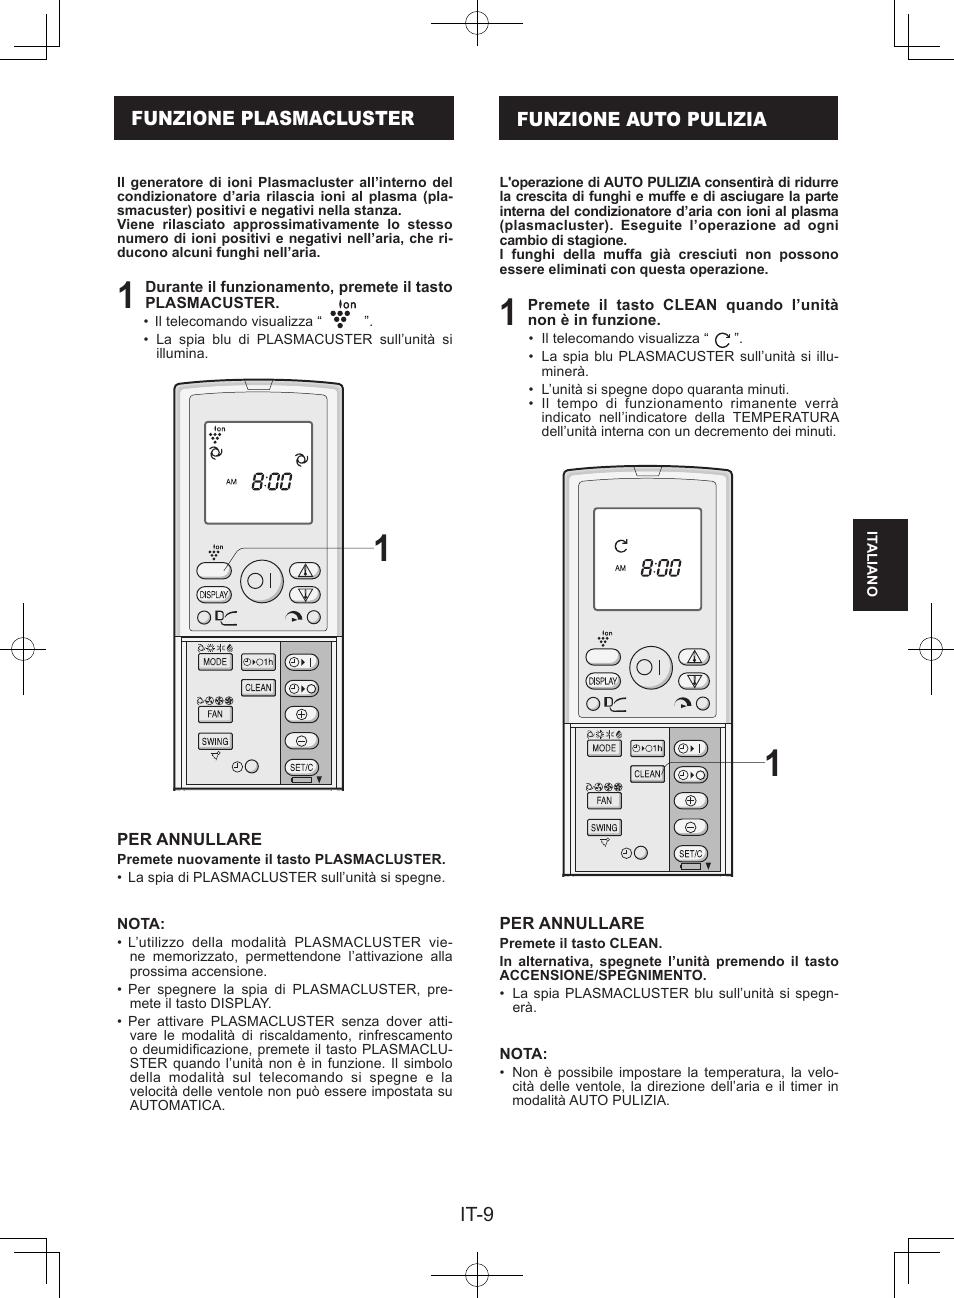 Funzione Plasmacluster Funzione Auto Pulizia Sharp Ay Xpc9jr User